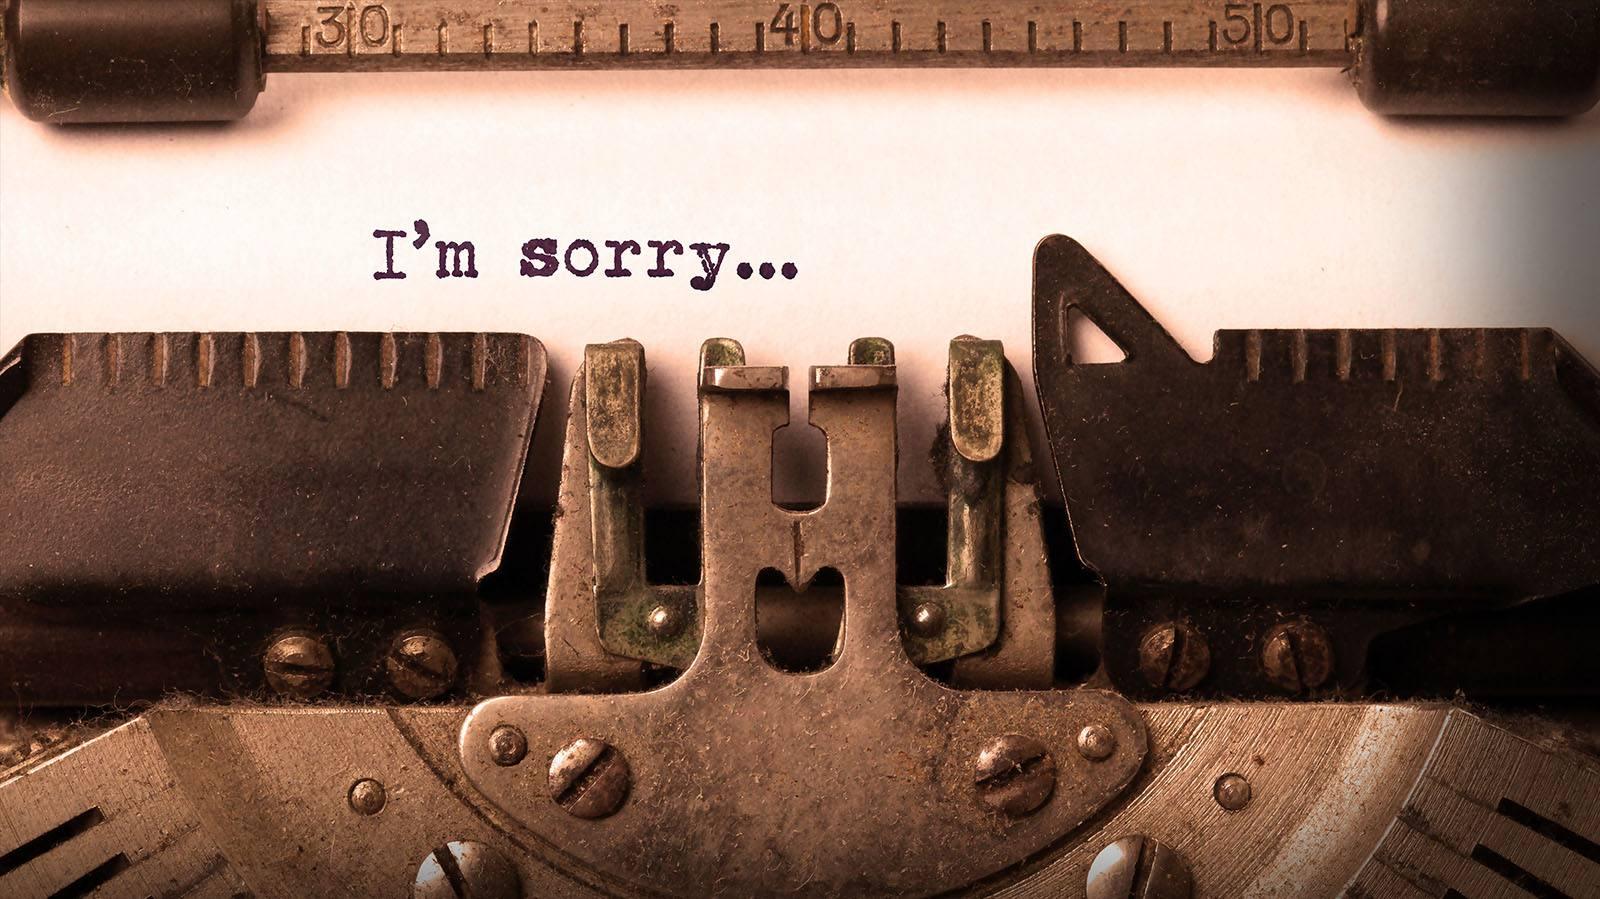 【企服观察】企业级浏览器红芯就过度宣传致歉